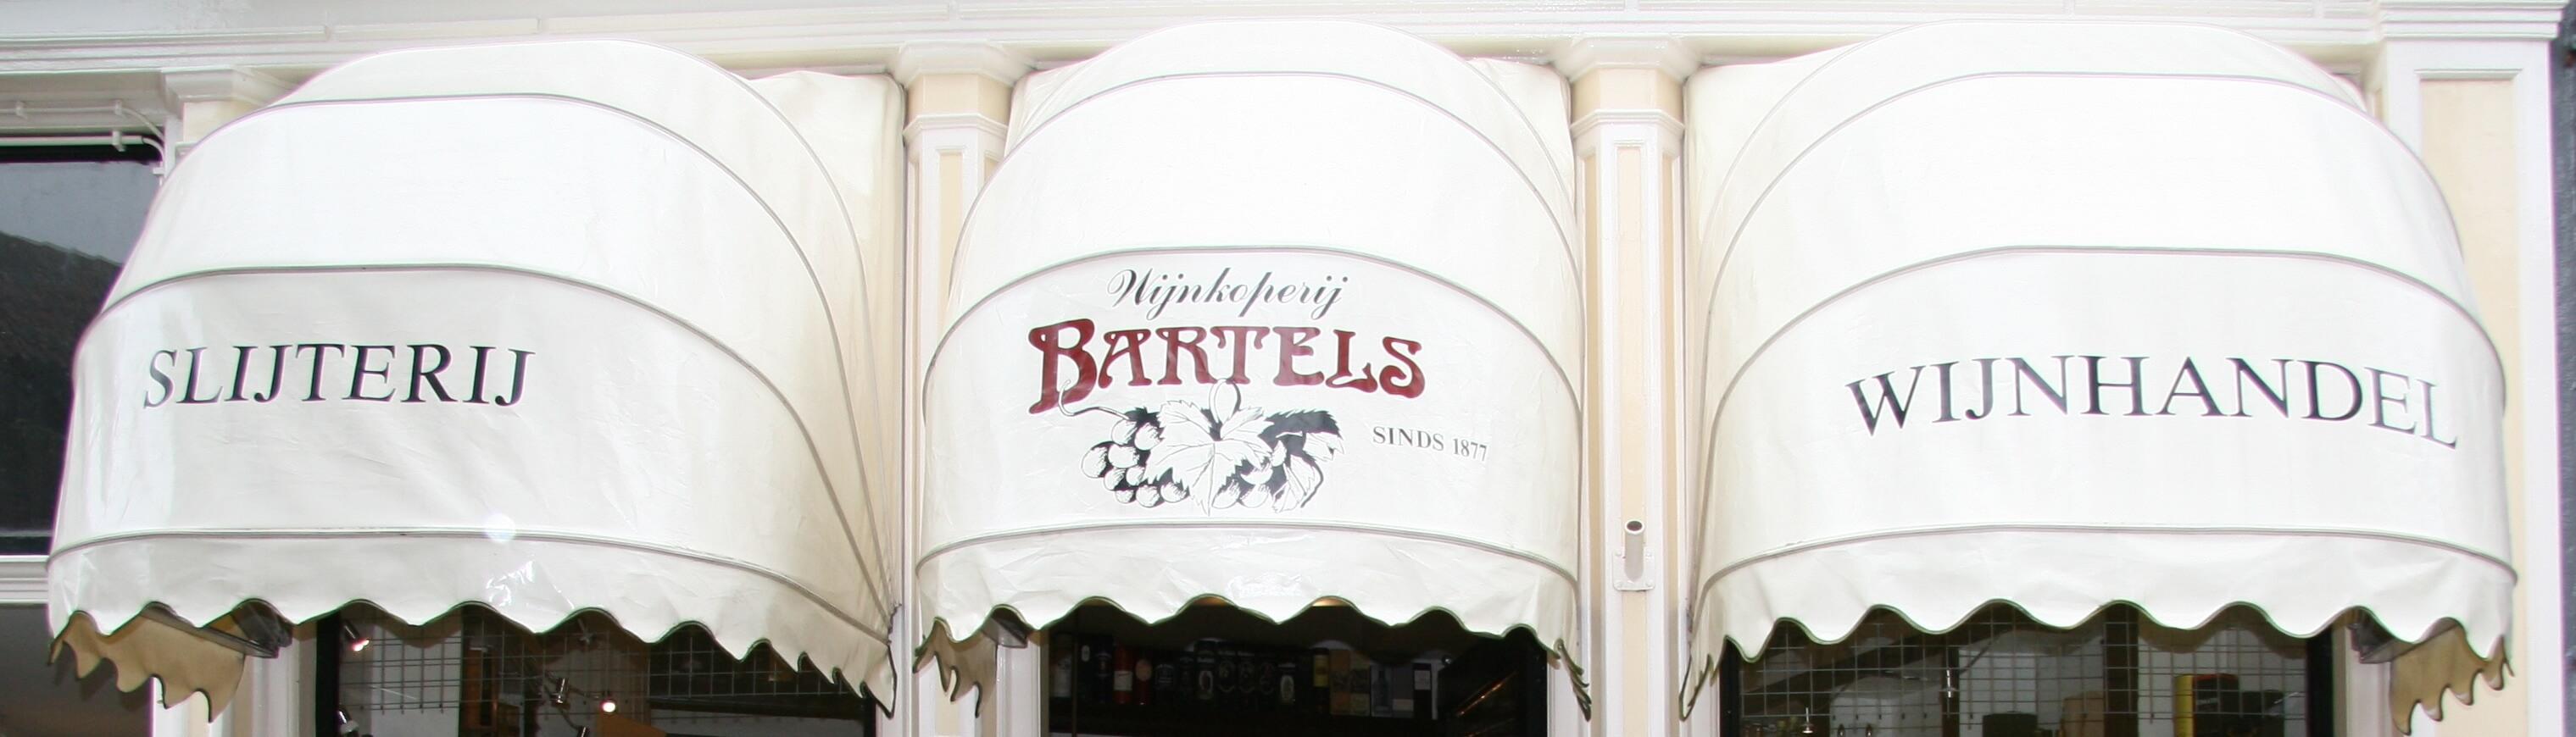 Slijterij & Wijnhandel Bartels